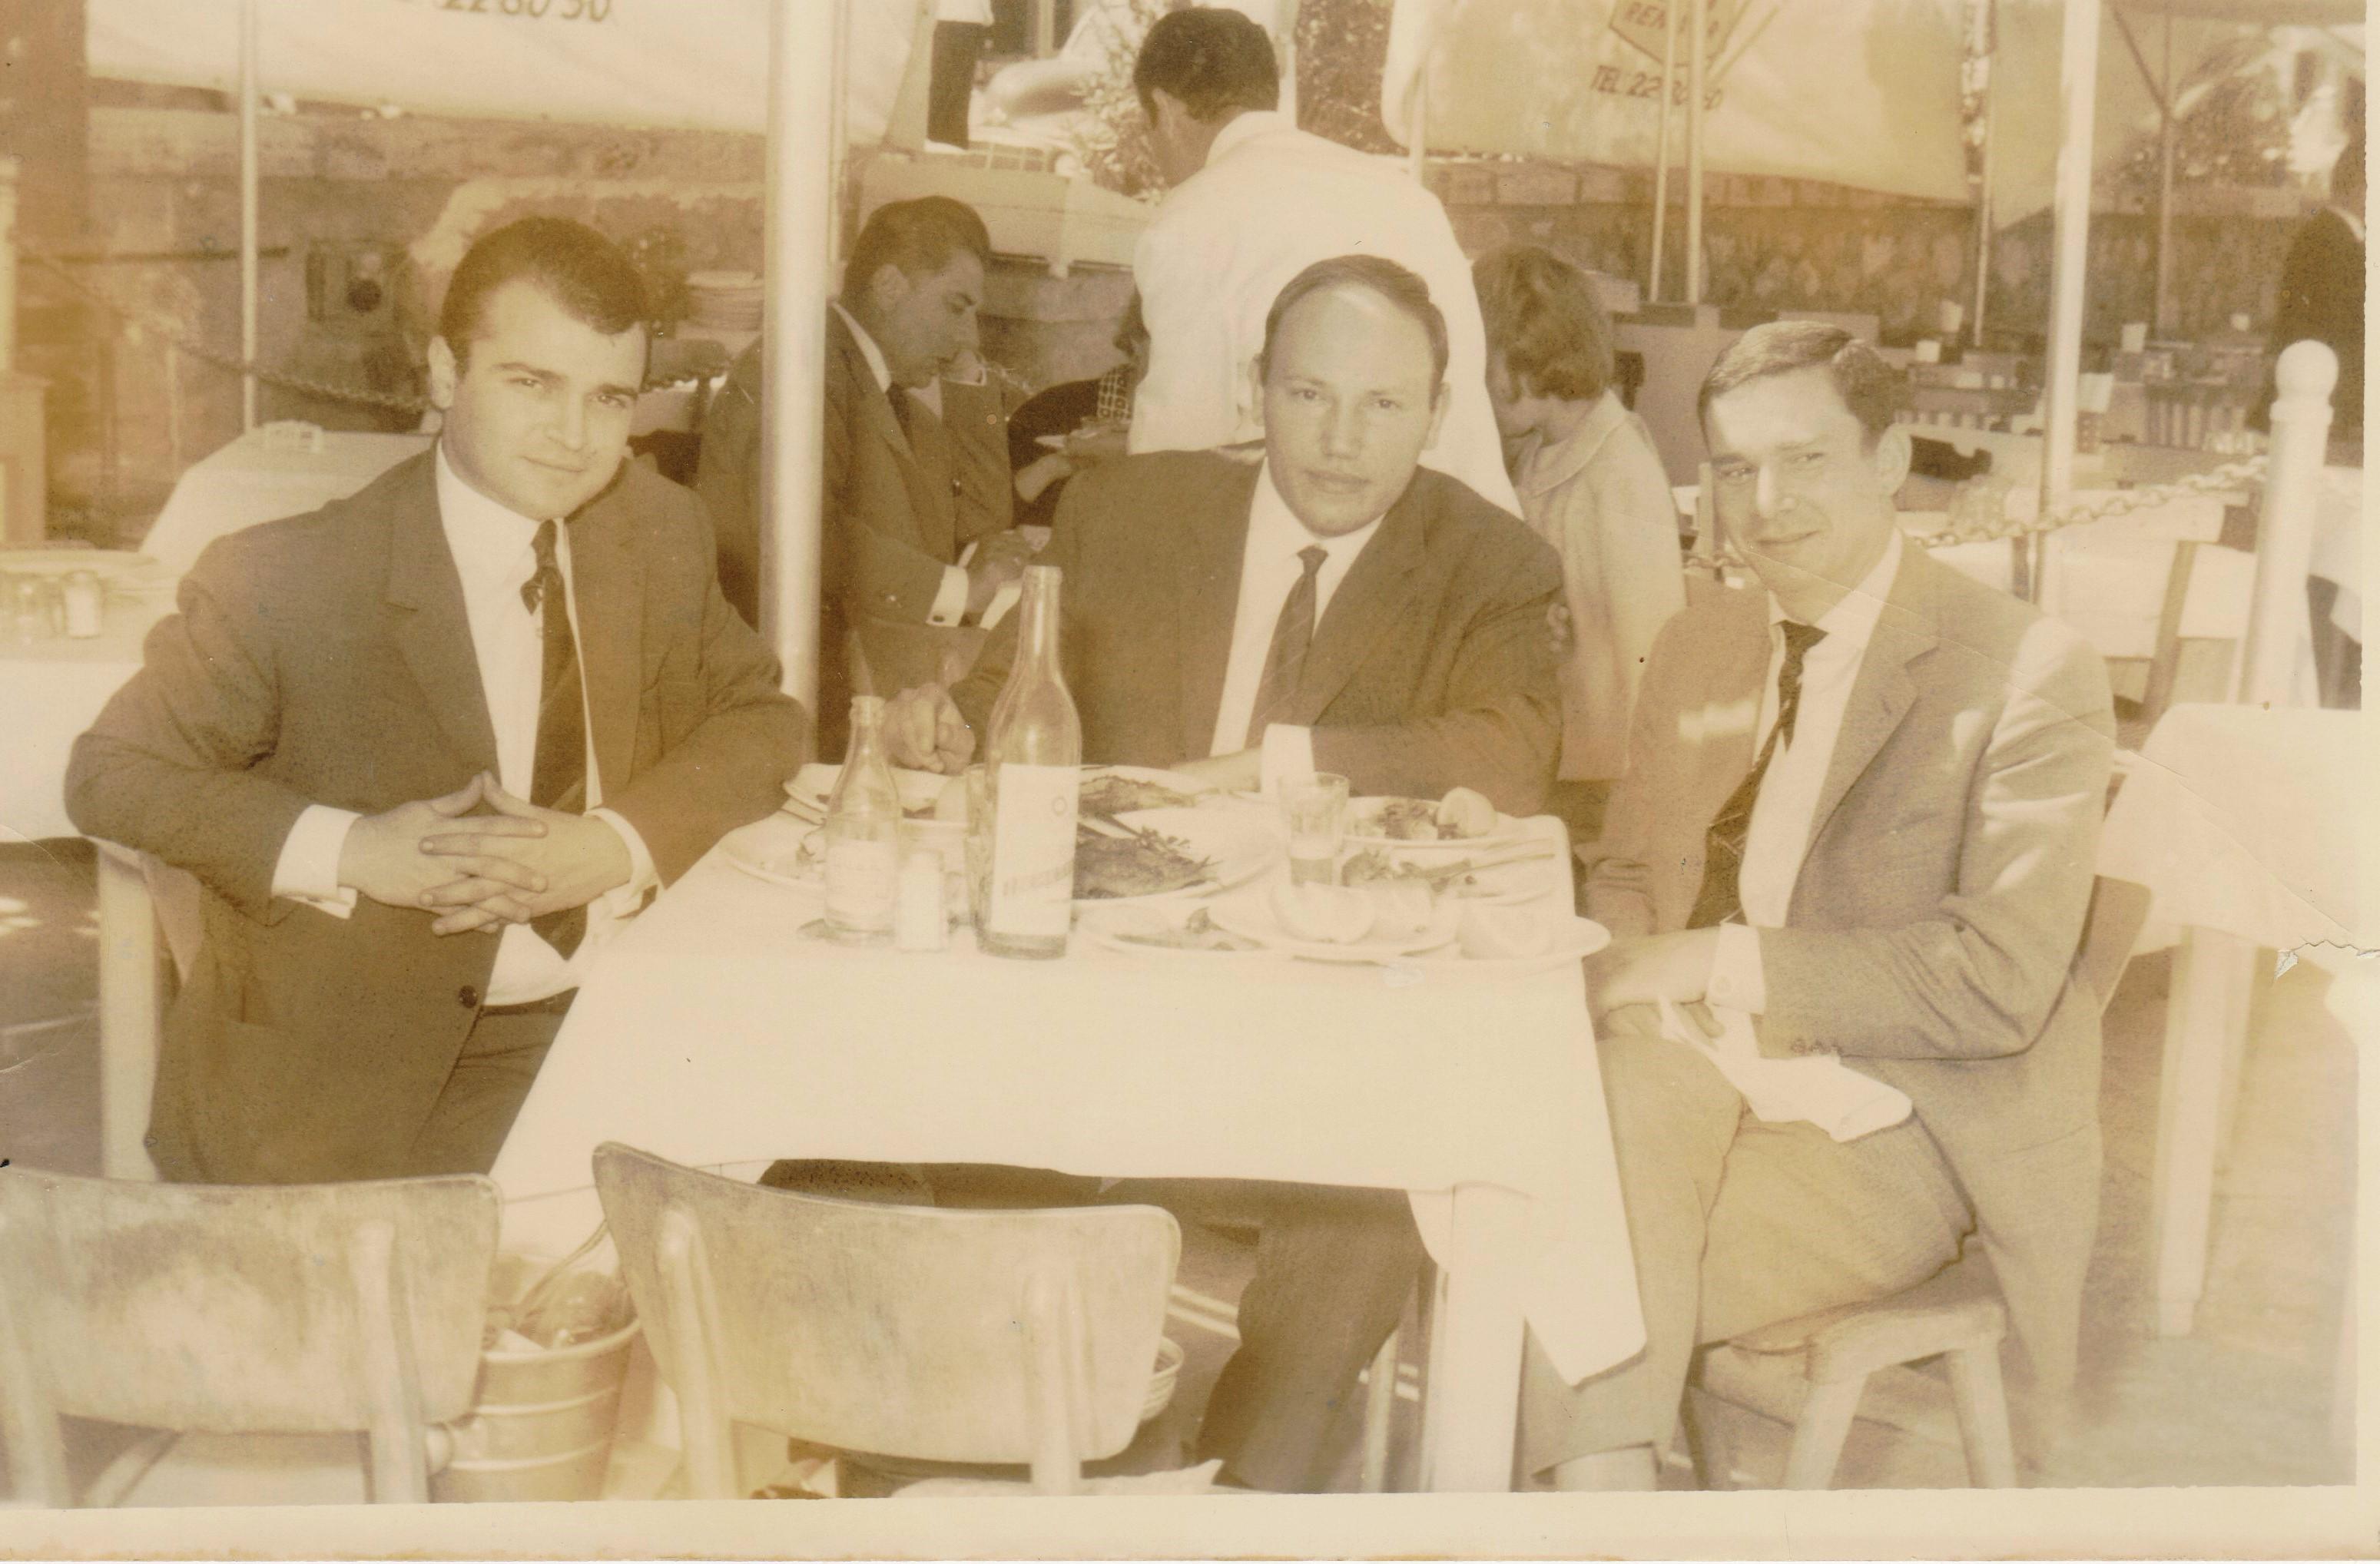 Gerasimos Dimopoulos1959